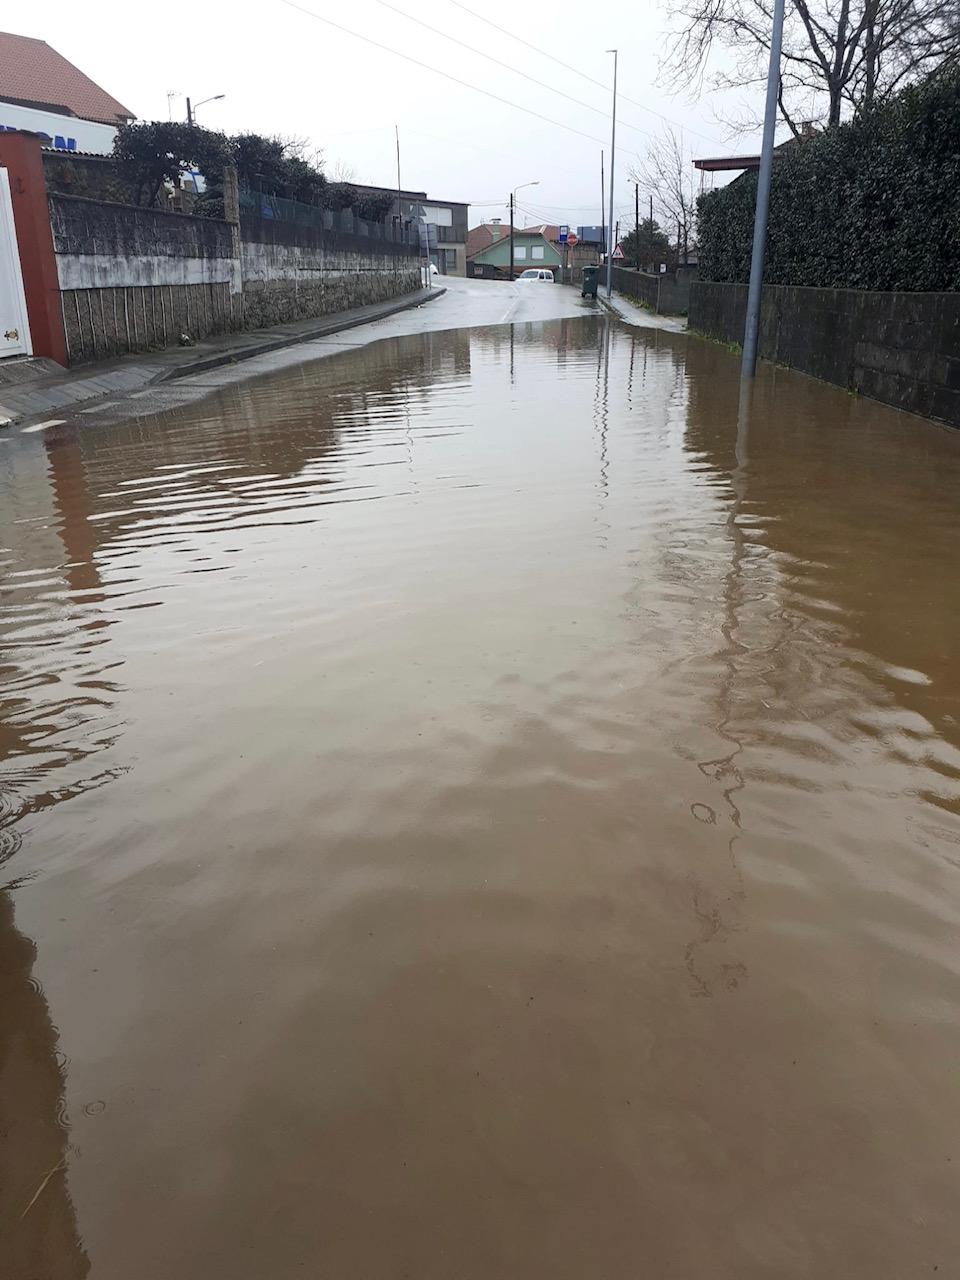 Inundaciones Porriño 18 febrero 2021 (1)